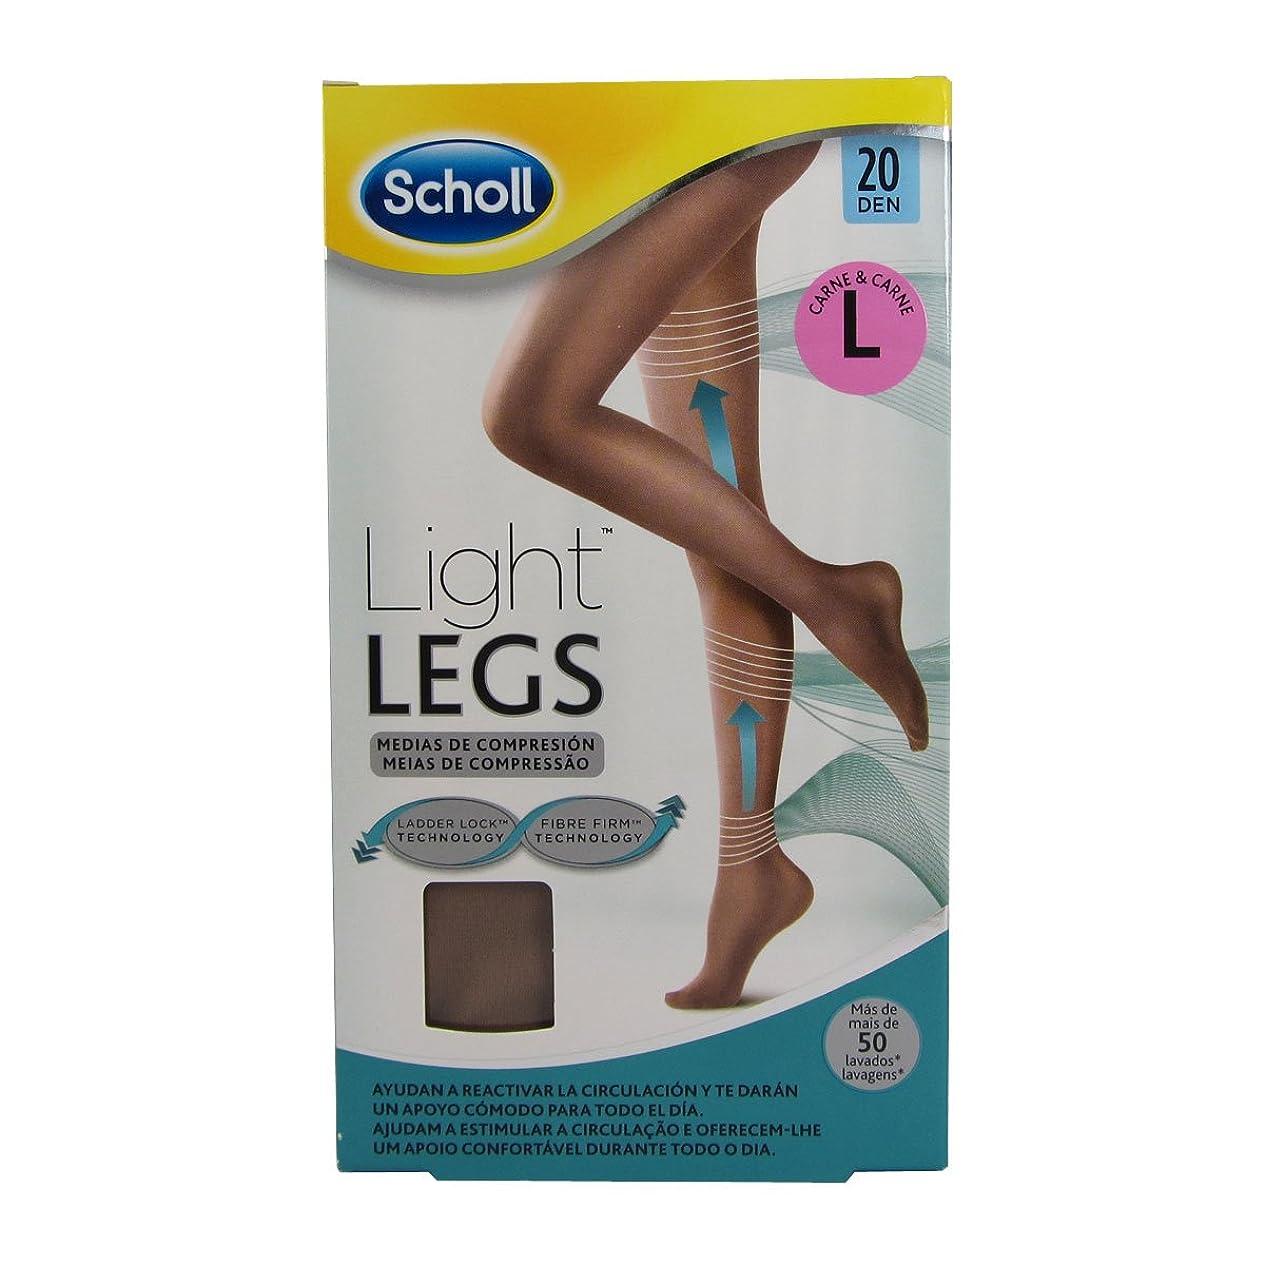 前文百曲がったScholl Light Legs Compression Tights 20den Skin Large [並行輸入品]